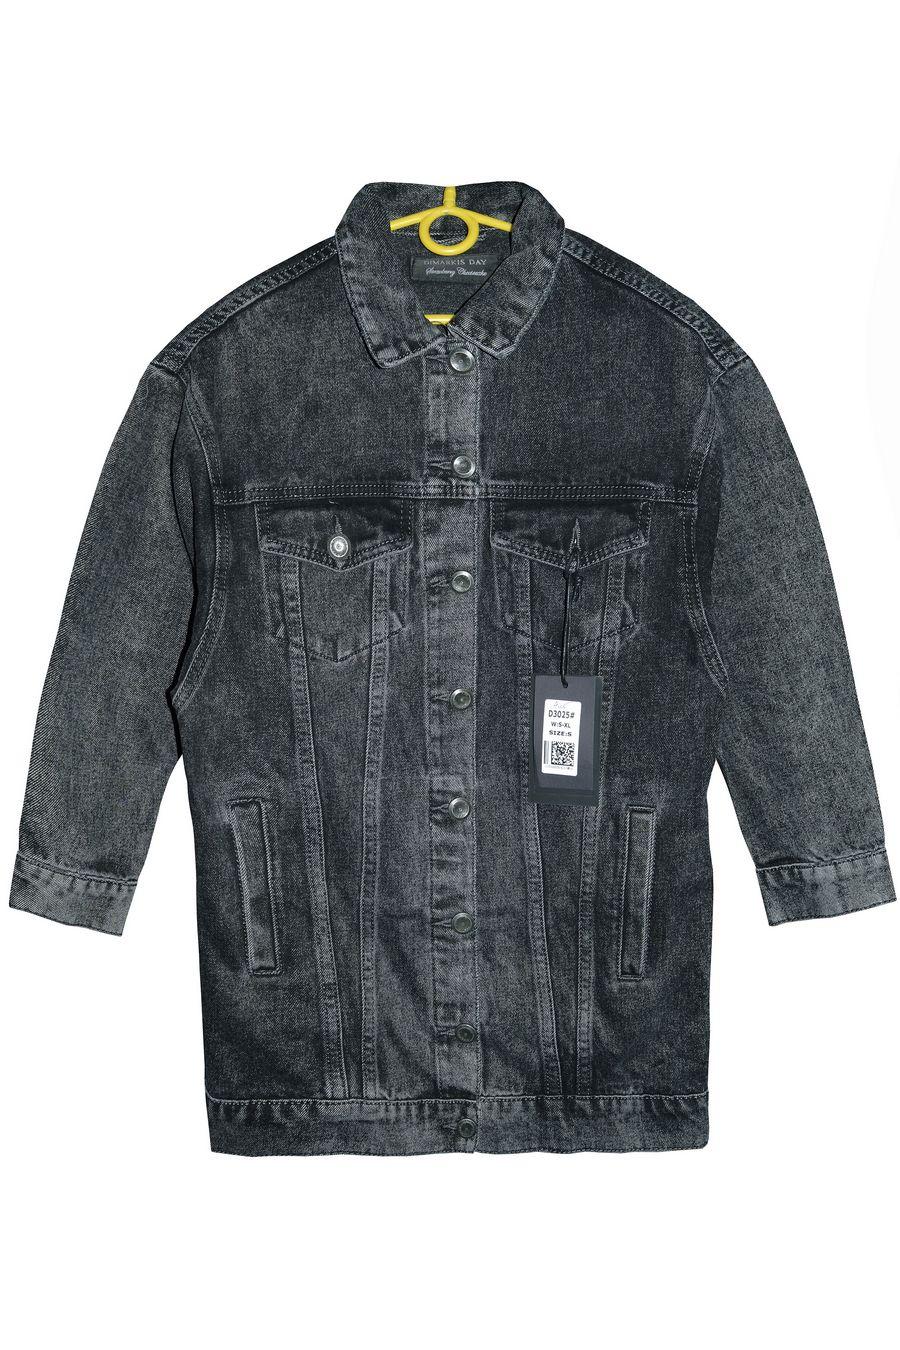 Куртка женская Dimarks D3025 - фото 1